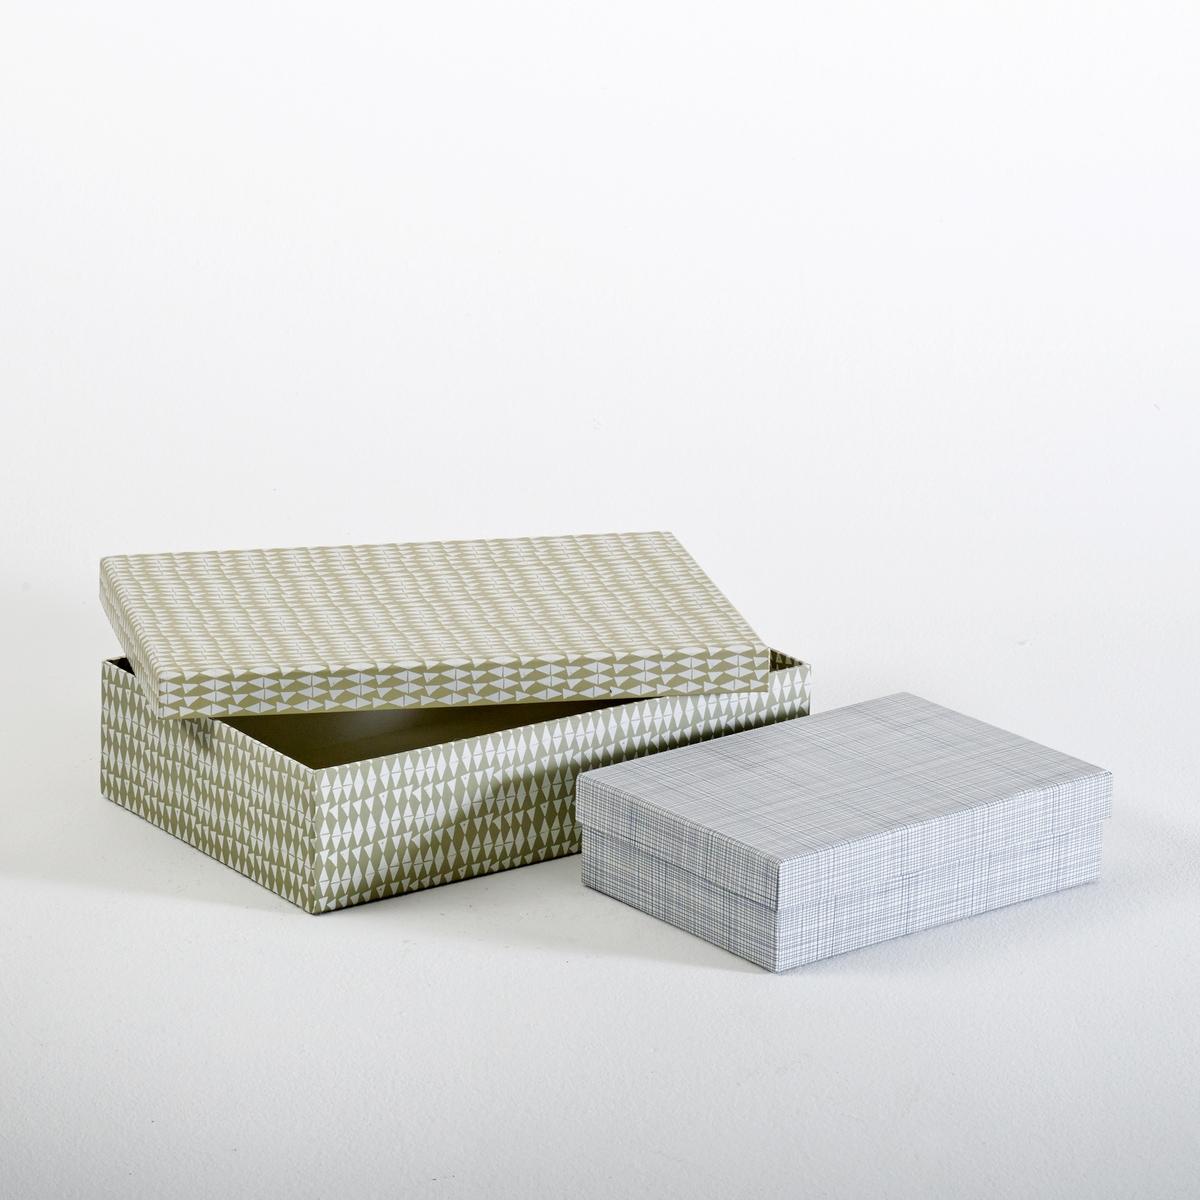 2 короба для вещейОписание коробов для вещей :Декоративный принт : геометрические микро-мотивы Характеристики коробов для вещей :100% картон С крышкойРазмеры коробов для вещей :Короб 1 : 35 x 23 x 8.5 см Короб 2 : 24.5 x 17 x 6.5 см<br><br>Цвет: разноцветный<br>Размер: единый размер